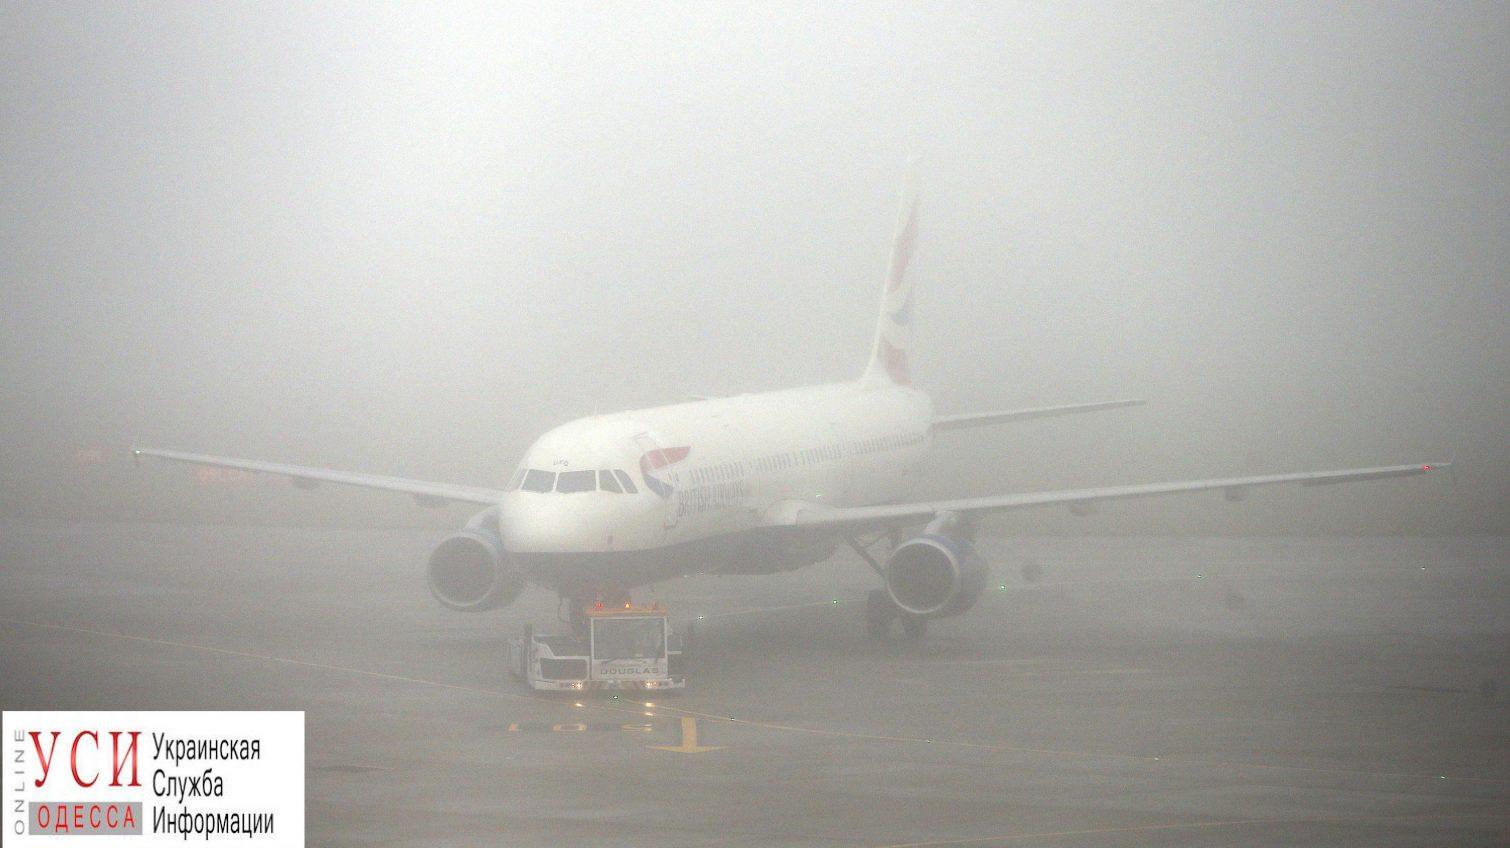 Из-за тумана в Одессу не вылетел самолет из Стамбула «фото»